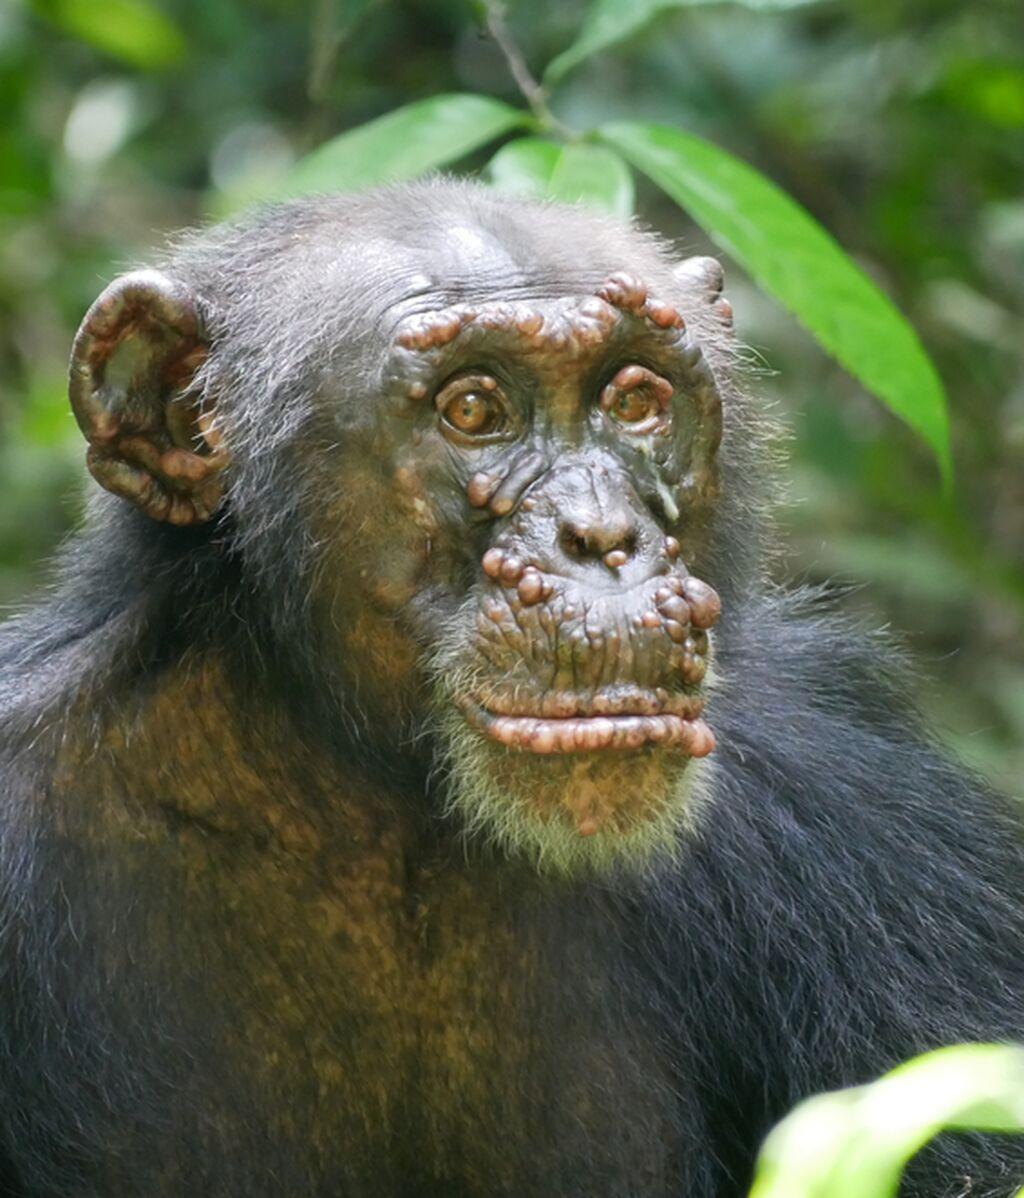 Poblaciones de chimpancés en África se están contagiando de lepra, y los científicos están desconcertados